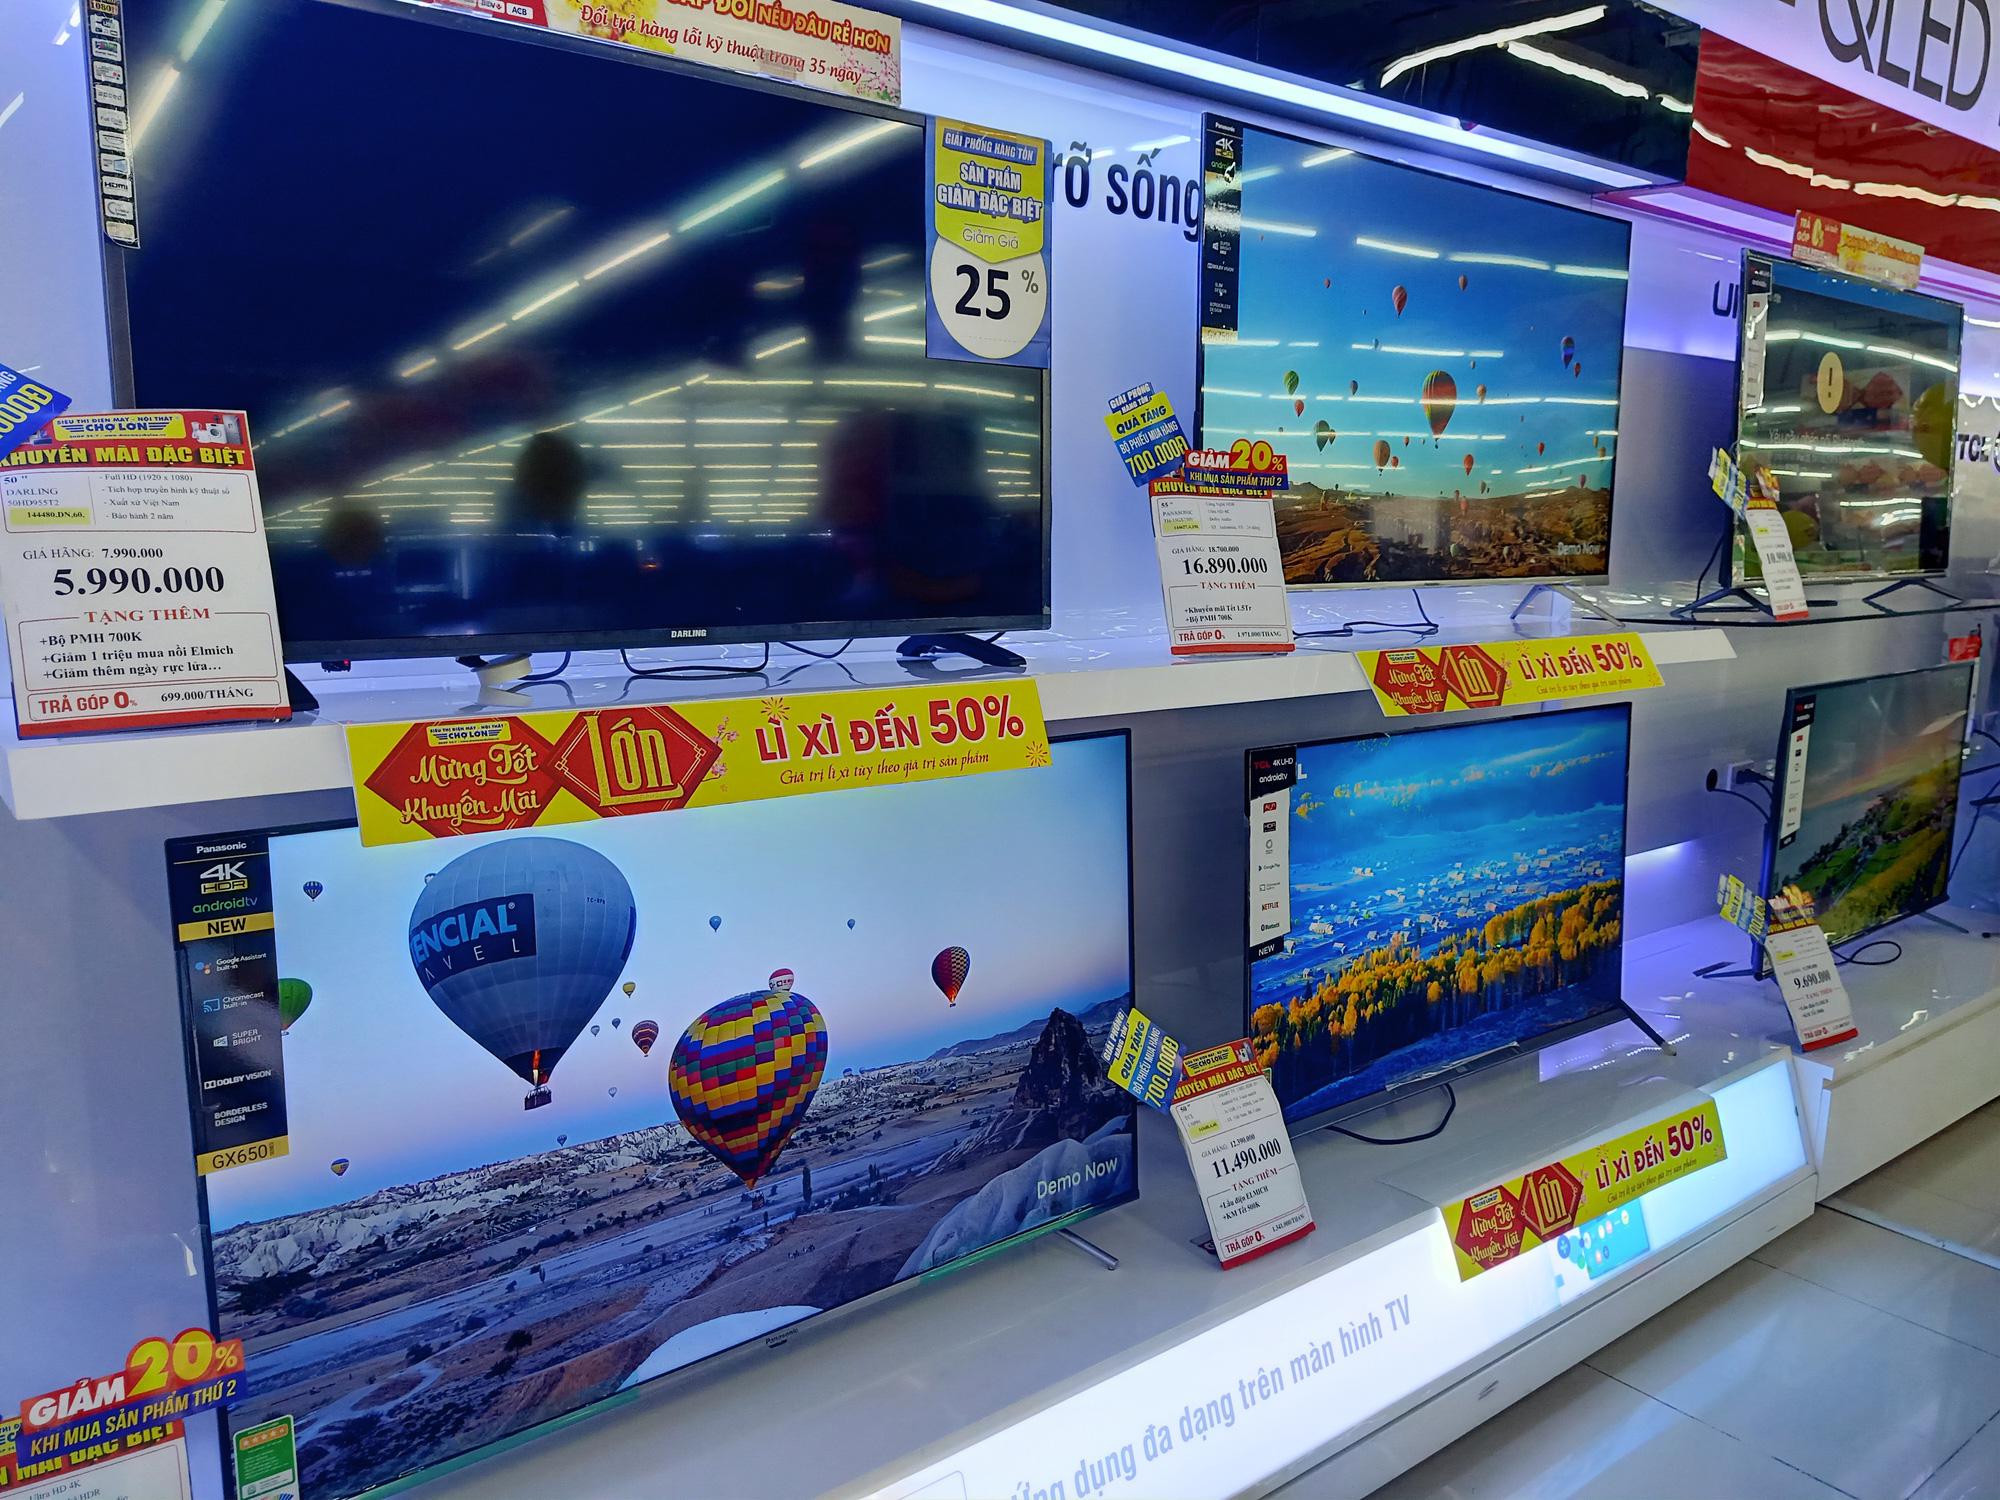 Tivi giảm giá tuần này: Nhiều khuyến mãi cho các loại sản phẩm khác nhau - Ảnh 2.